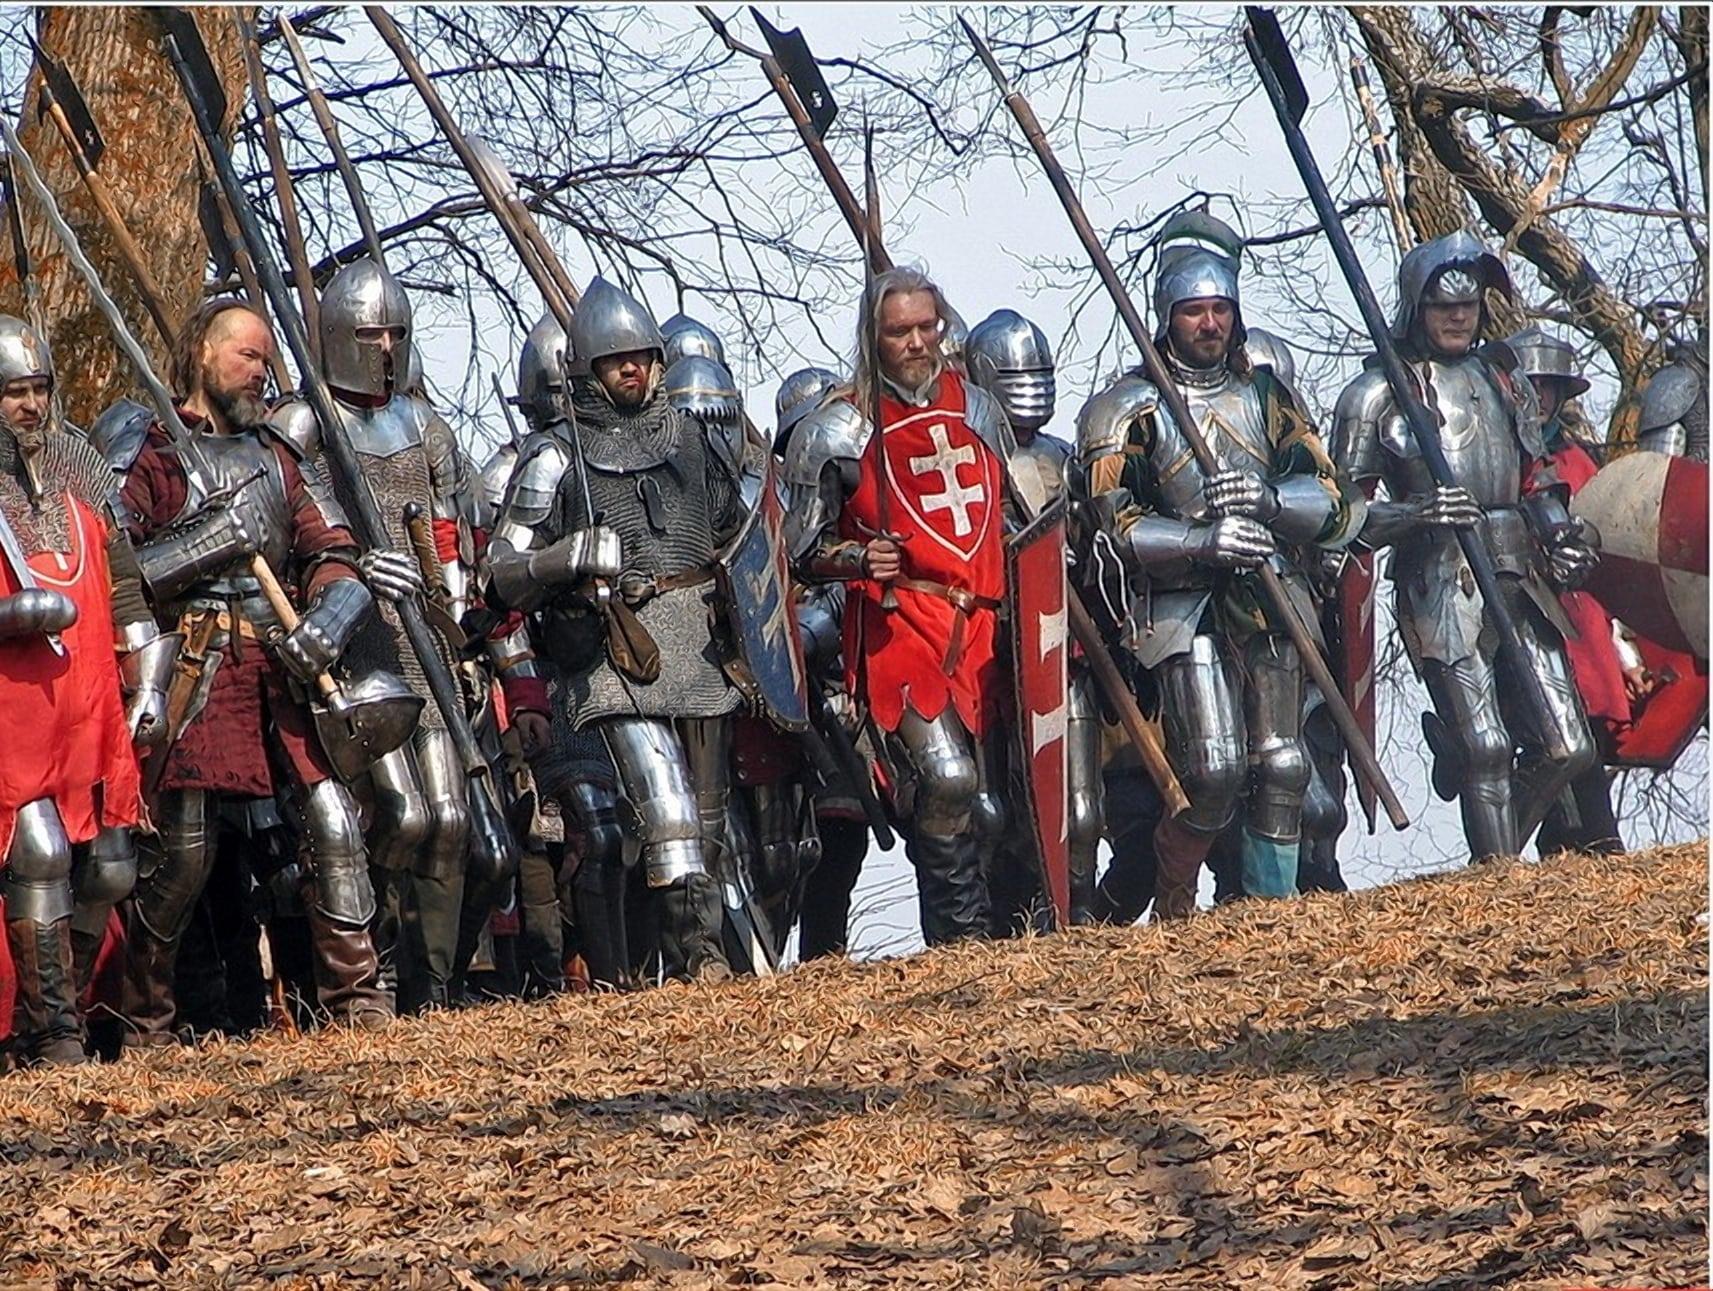 Не только закованные в сталь латники охраняли замок